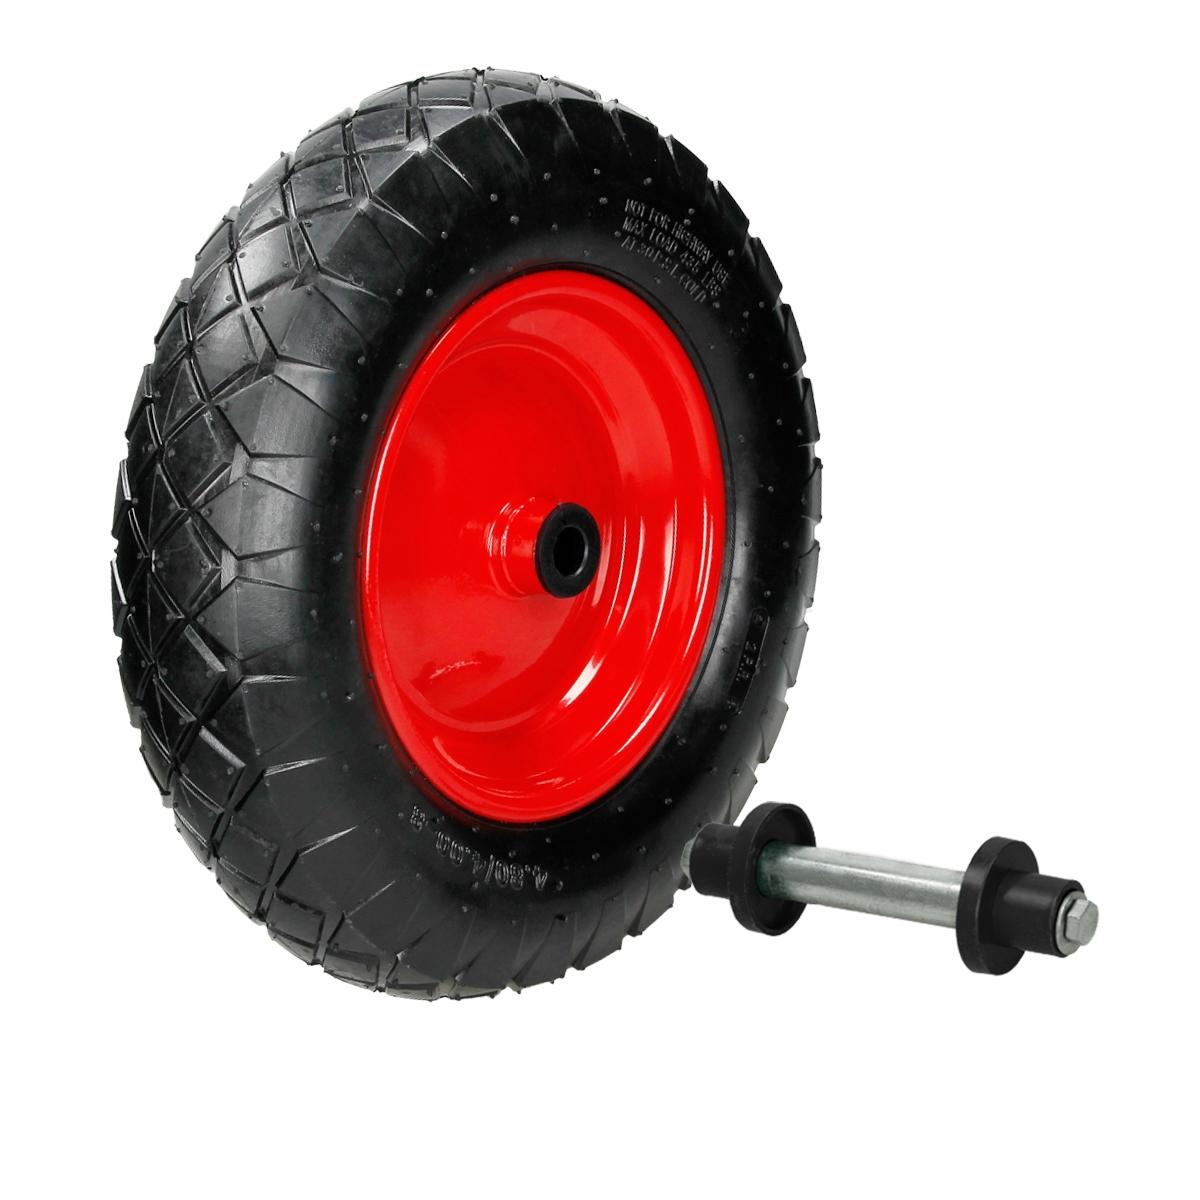 15 roue de brouette pneumatique avec axe. Black Bedroom Furniture Sets. Home Design Ideas